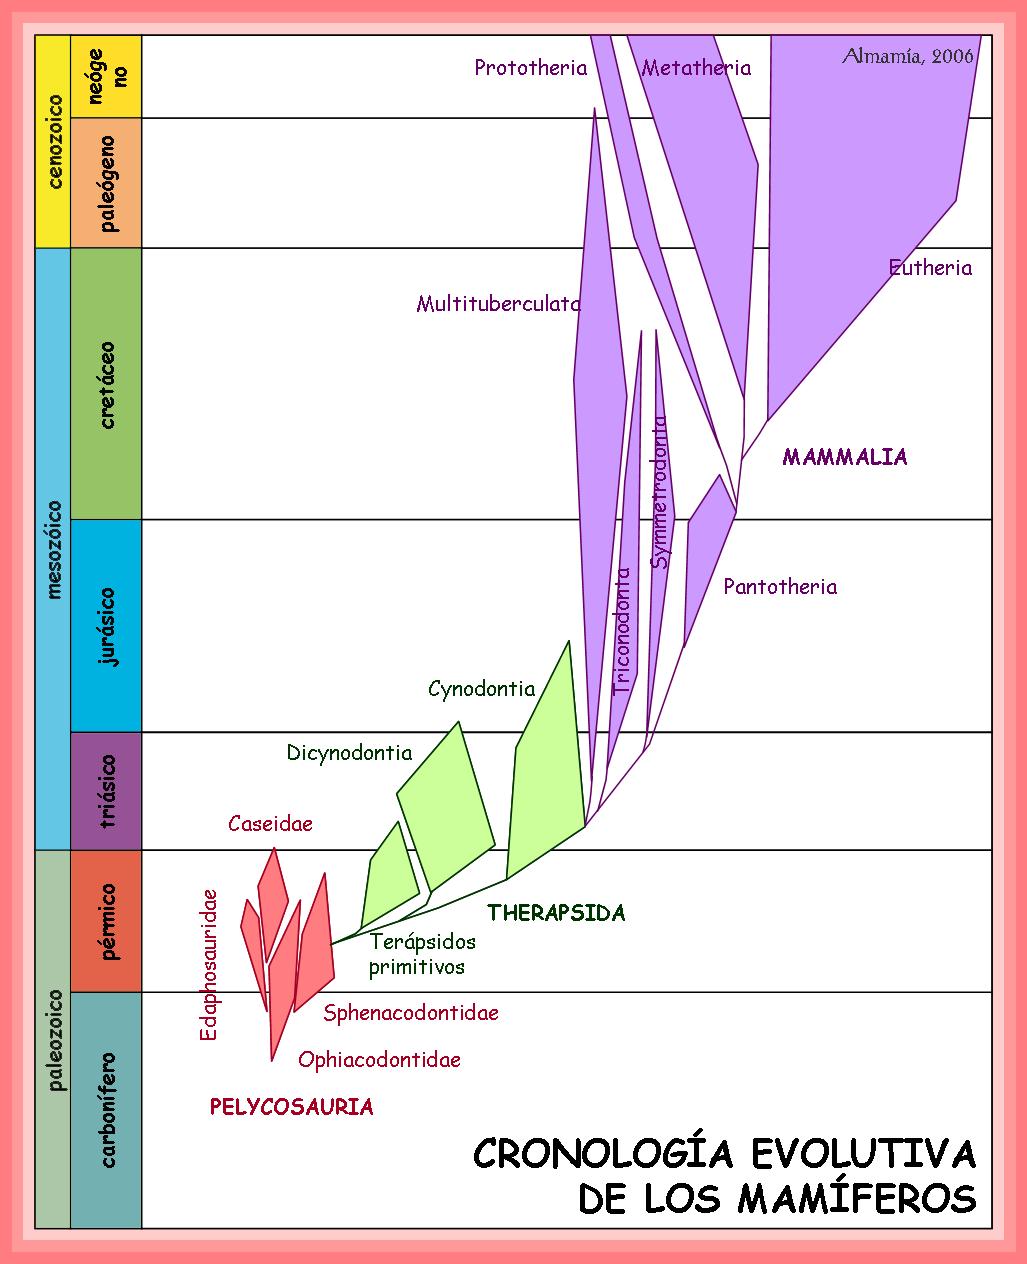 Evolución de los mamíferos - Wikipedia, la enciclopedia libre